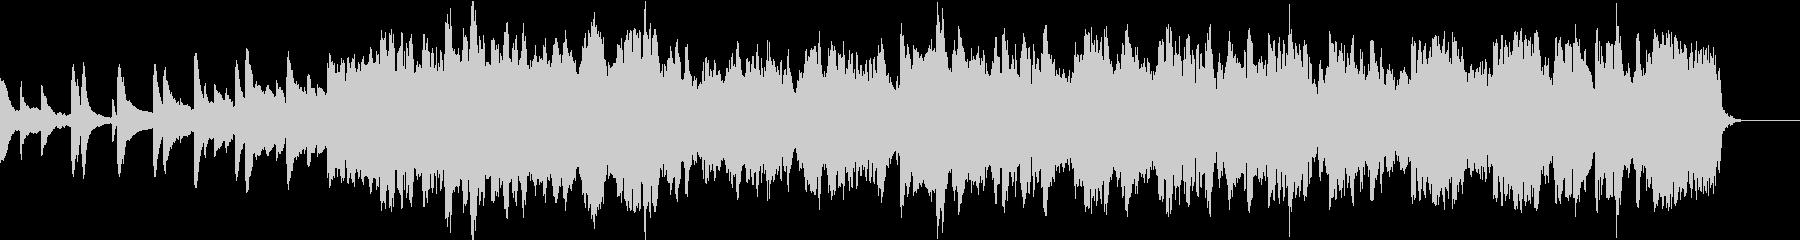 感動的なバラード オーケストラ風の未再生の波形